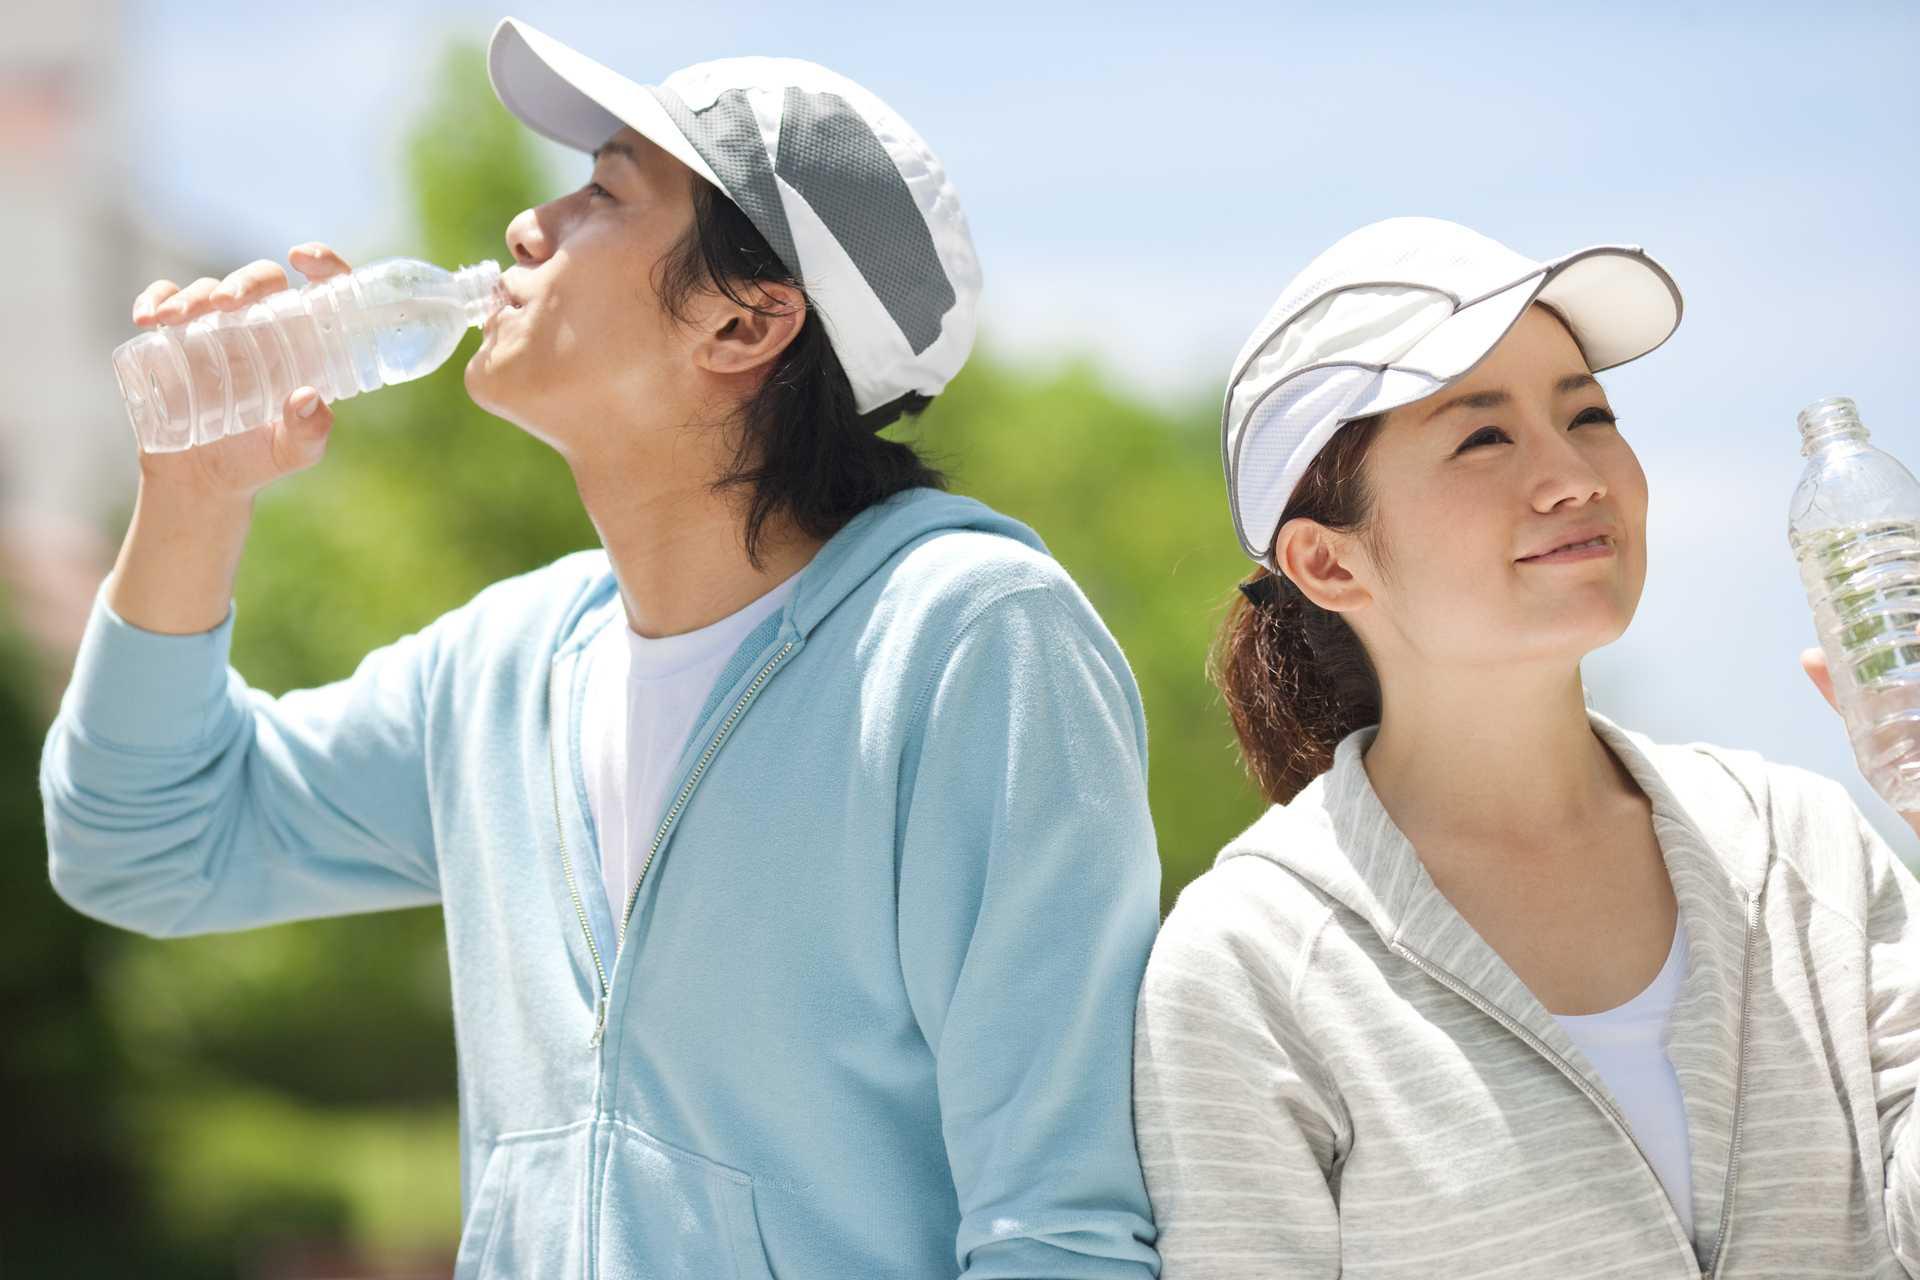 たくさん汗をかく人は、ミネラル不足に陥りやすい。 | ウォーキング・ダイエットのすすめ